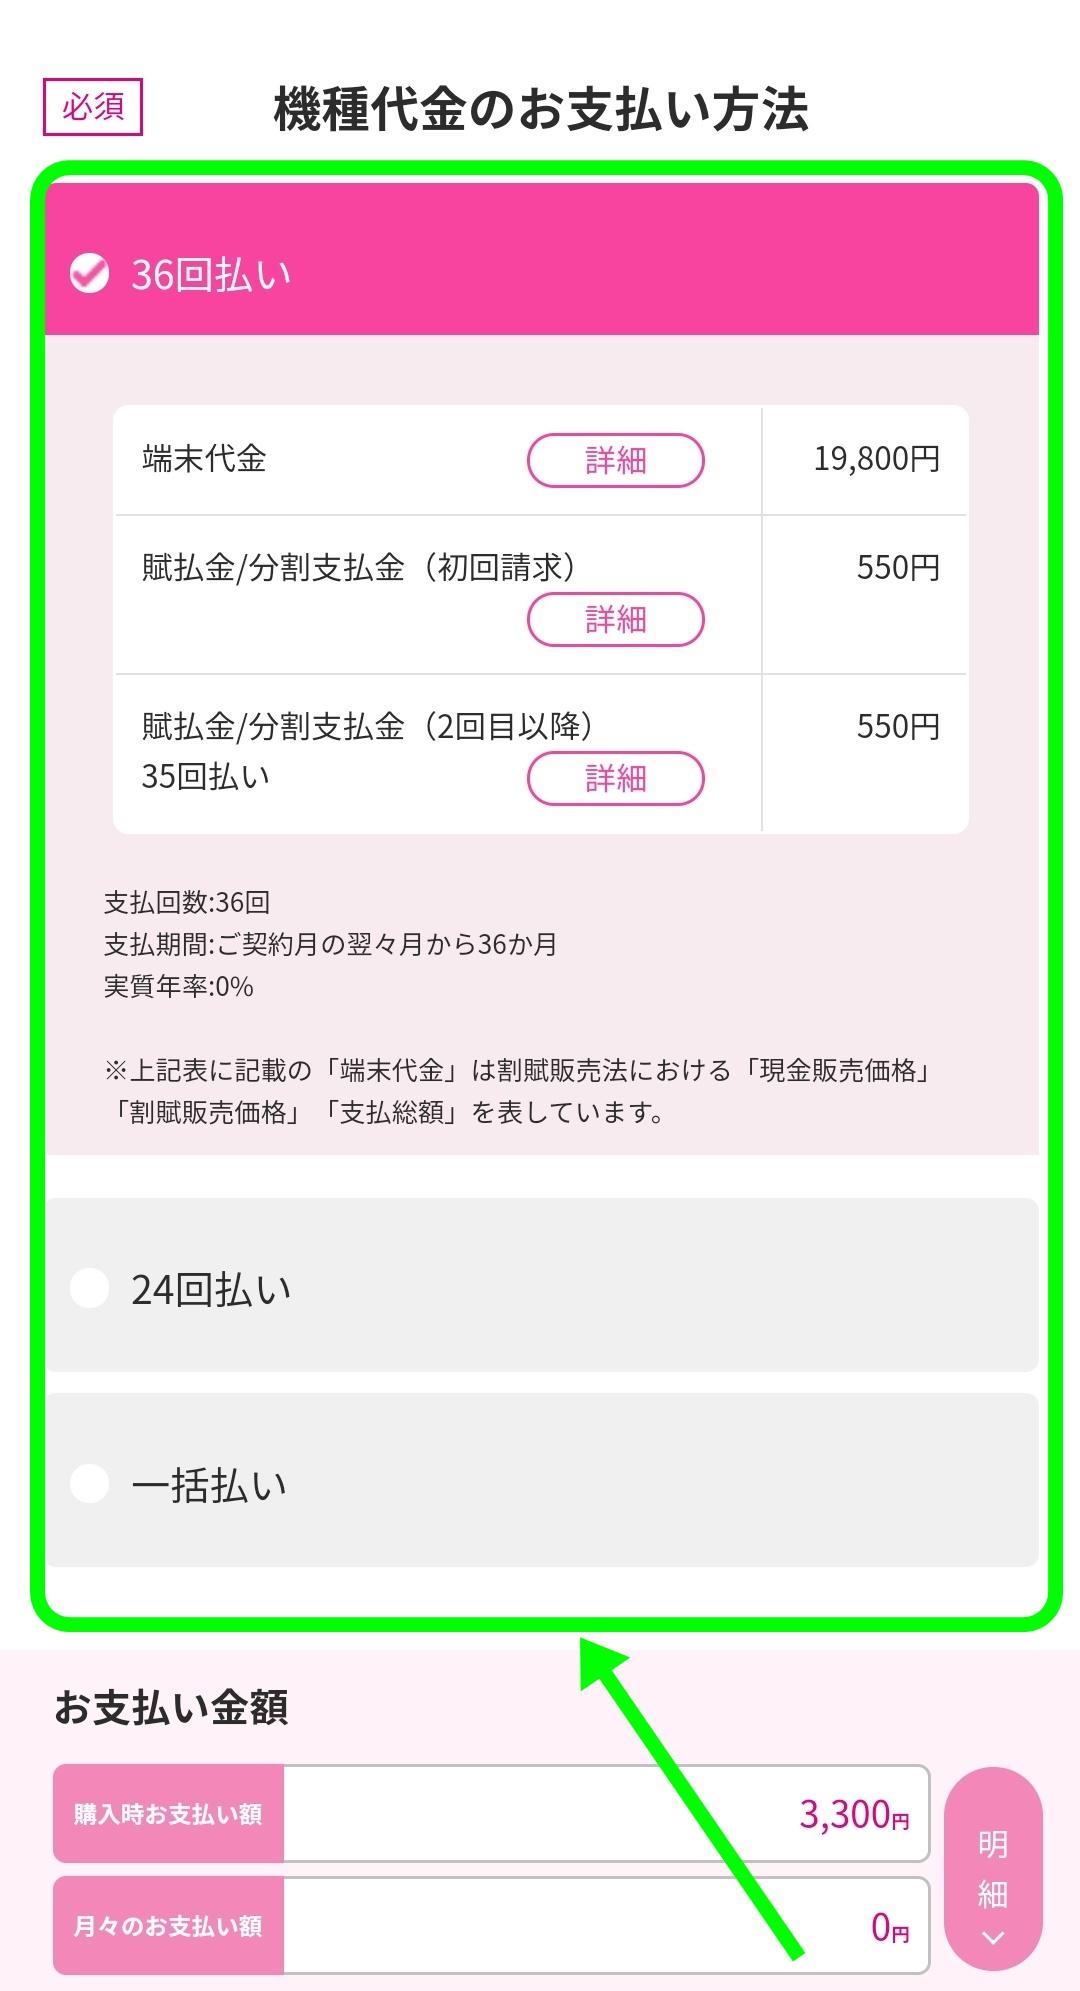 UQモバイルオンラインショップから申し込む方法3